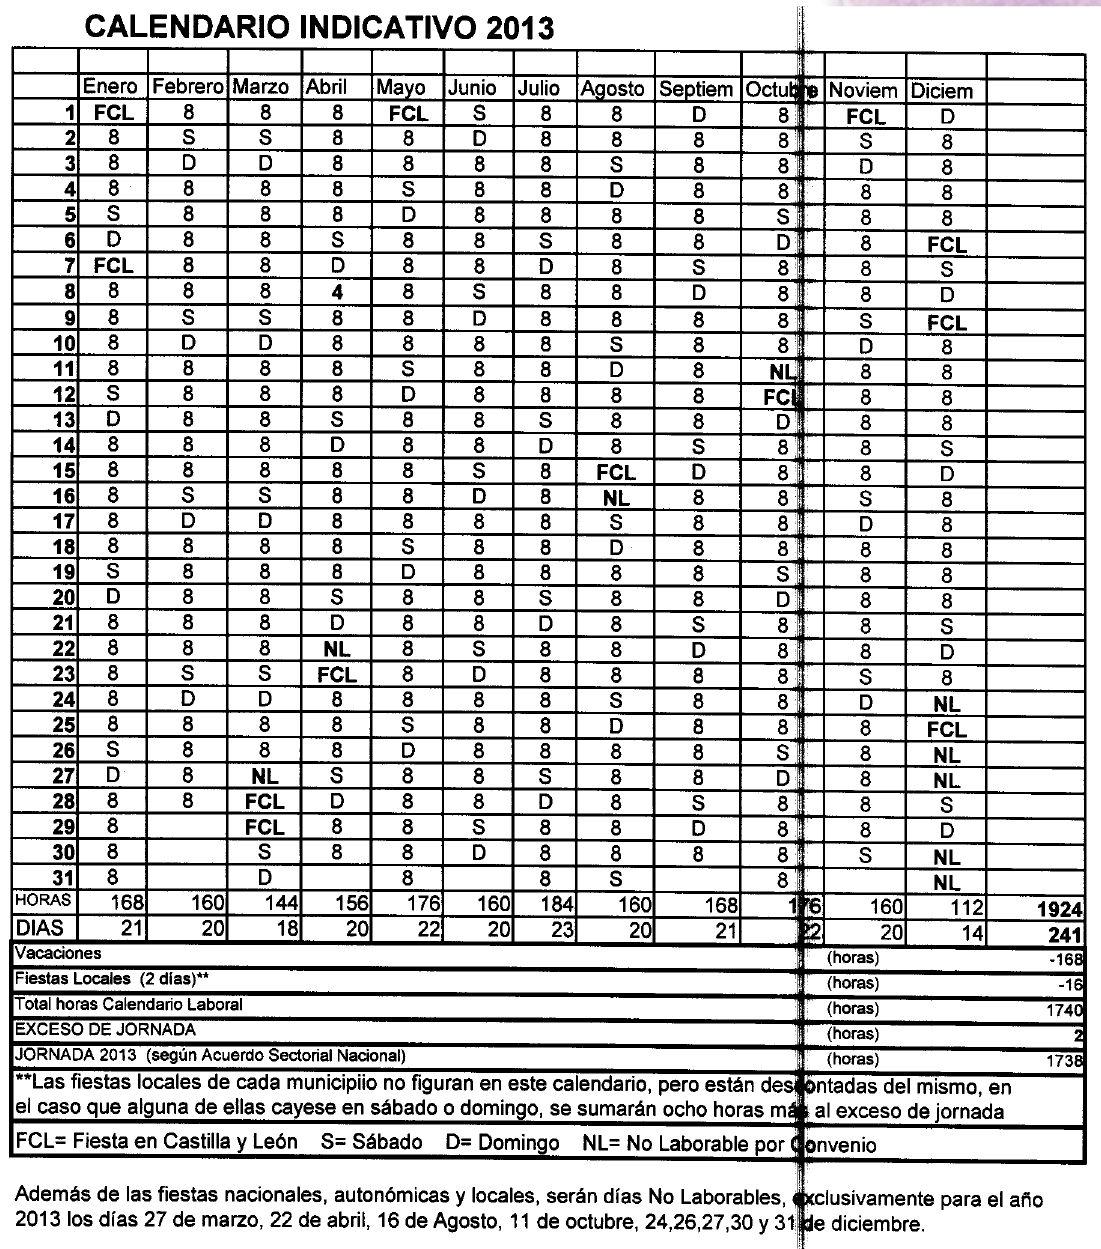 Calendario Laboral De La Construccion.Calendario Laboral Construccion 2013 Salamanca J L Tecnicos